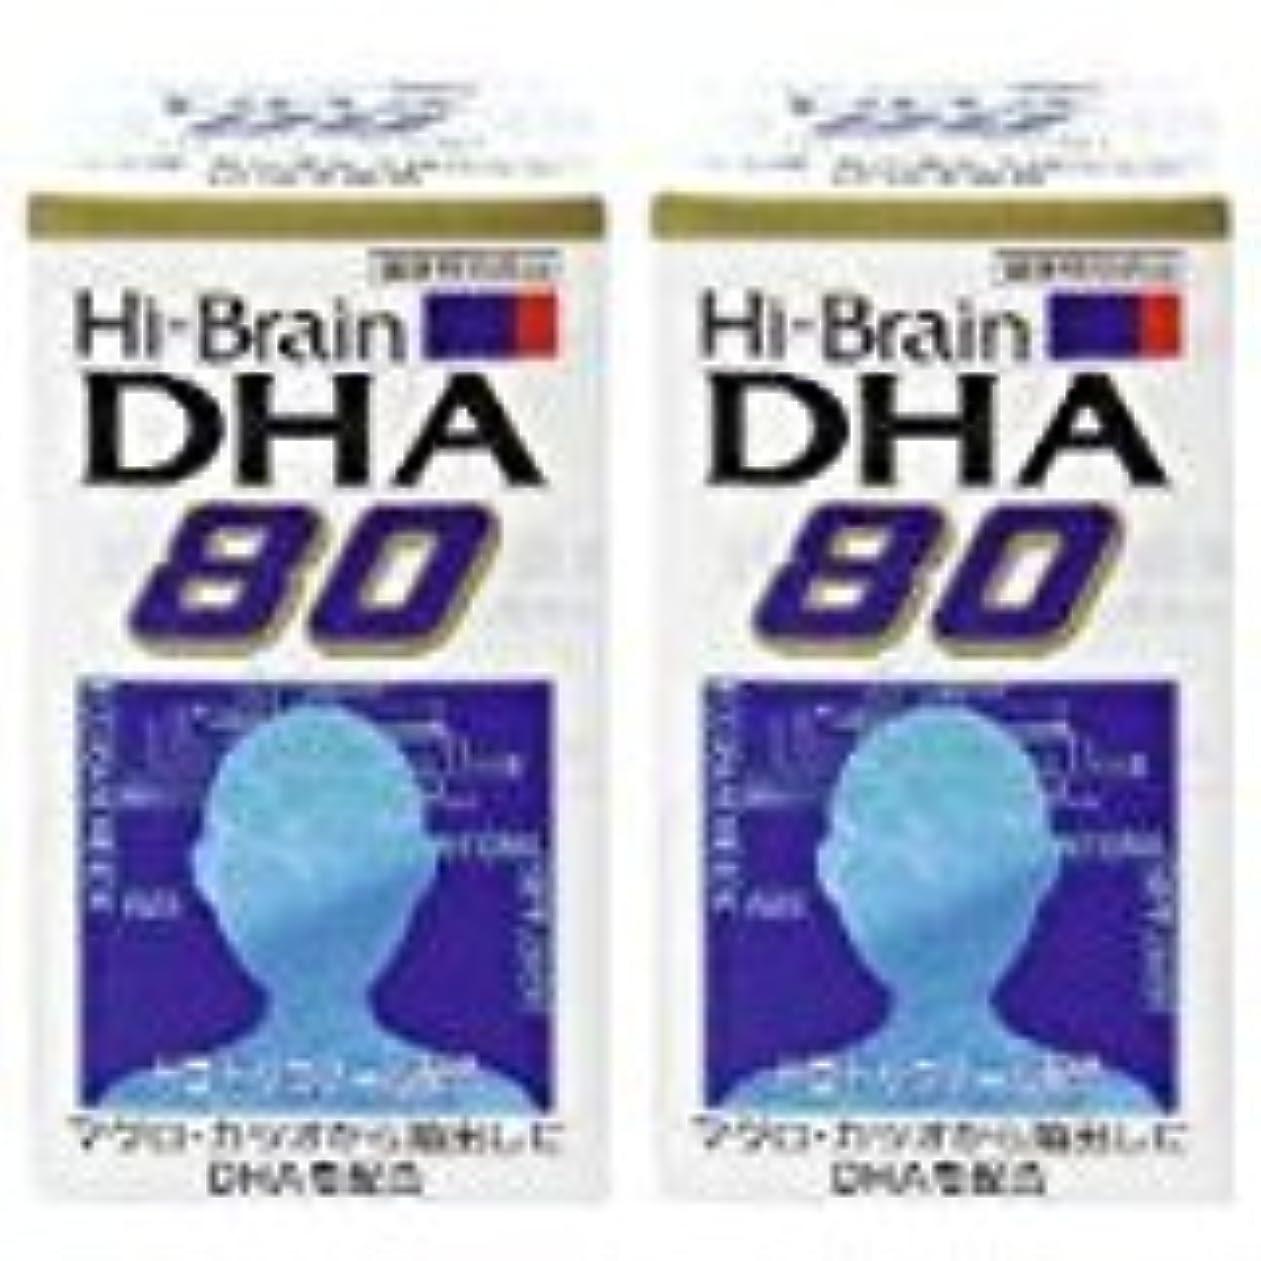 技術的な成功した数学ハイブレーンDHA80 2個